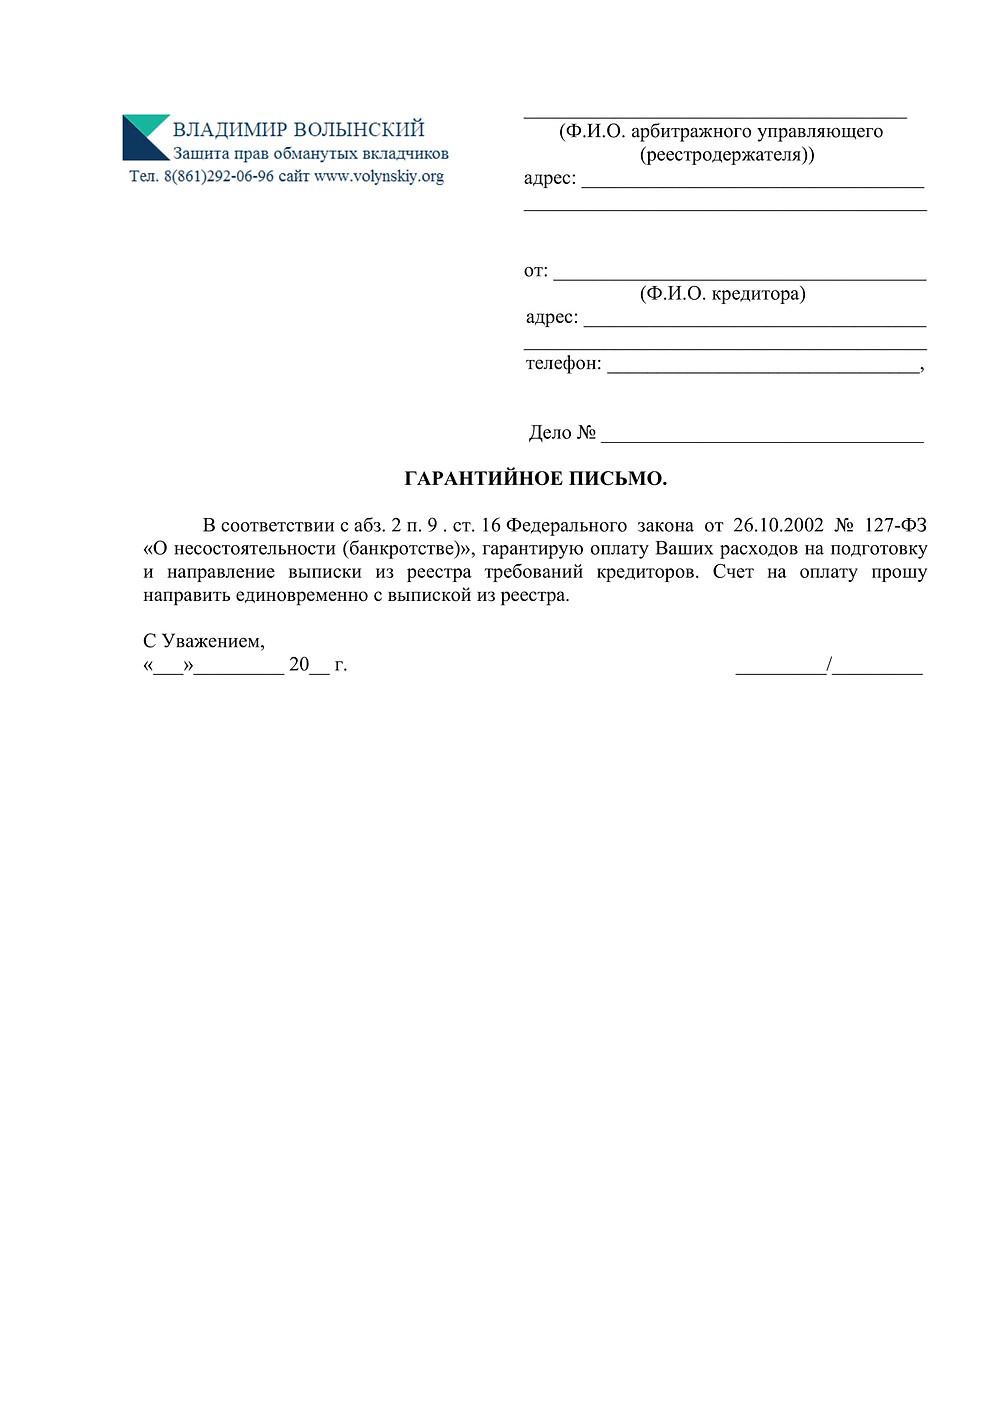 Гарантийное письмо об оплате изготовления выписки из реестра кредиторов